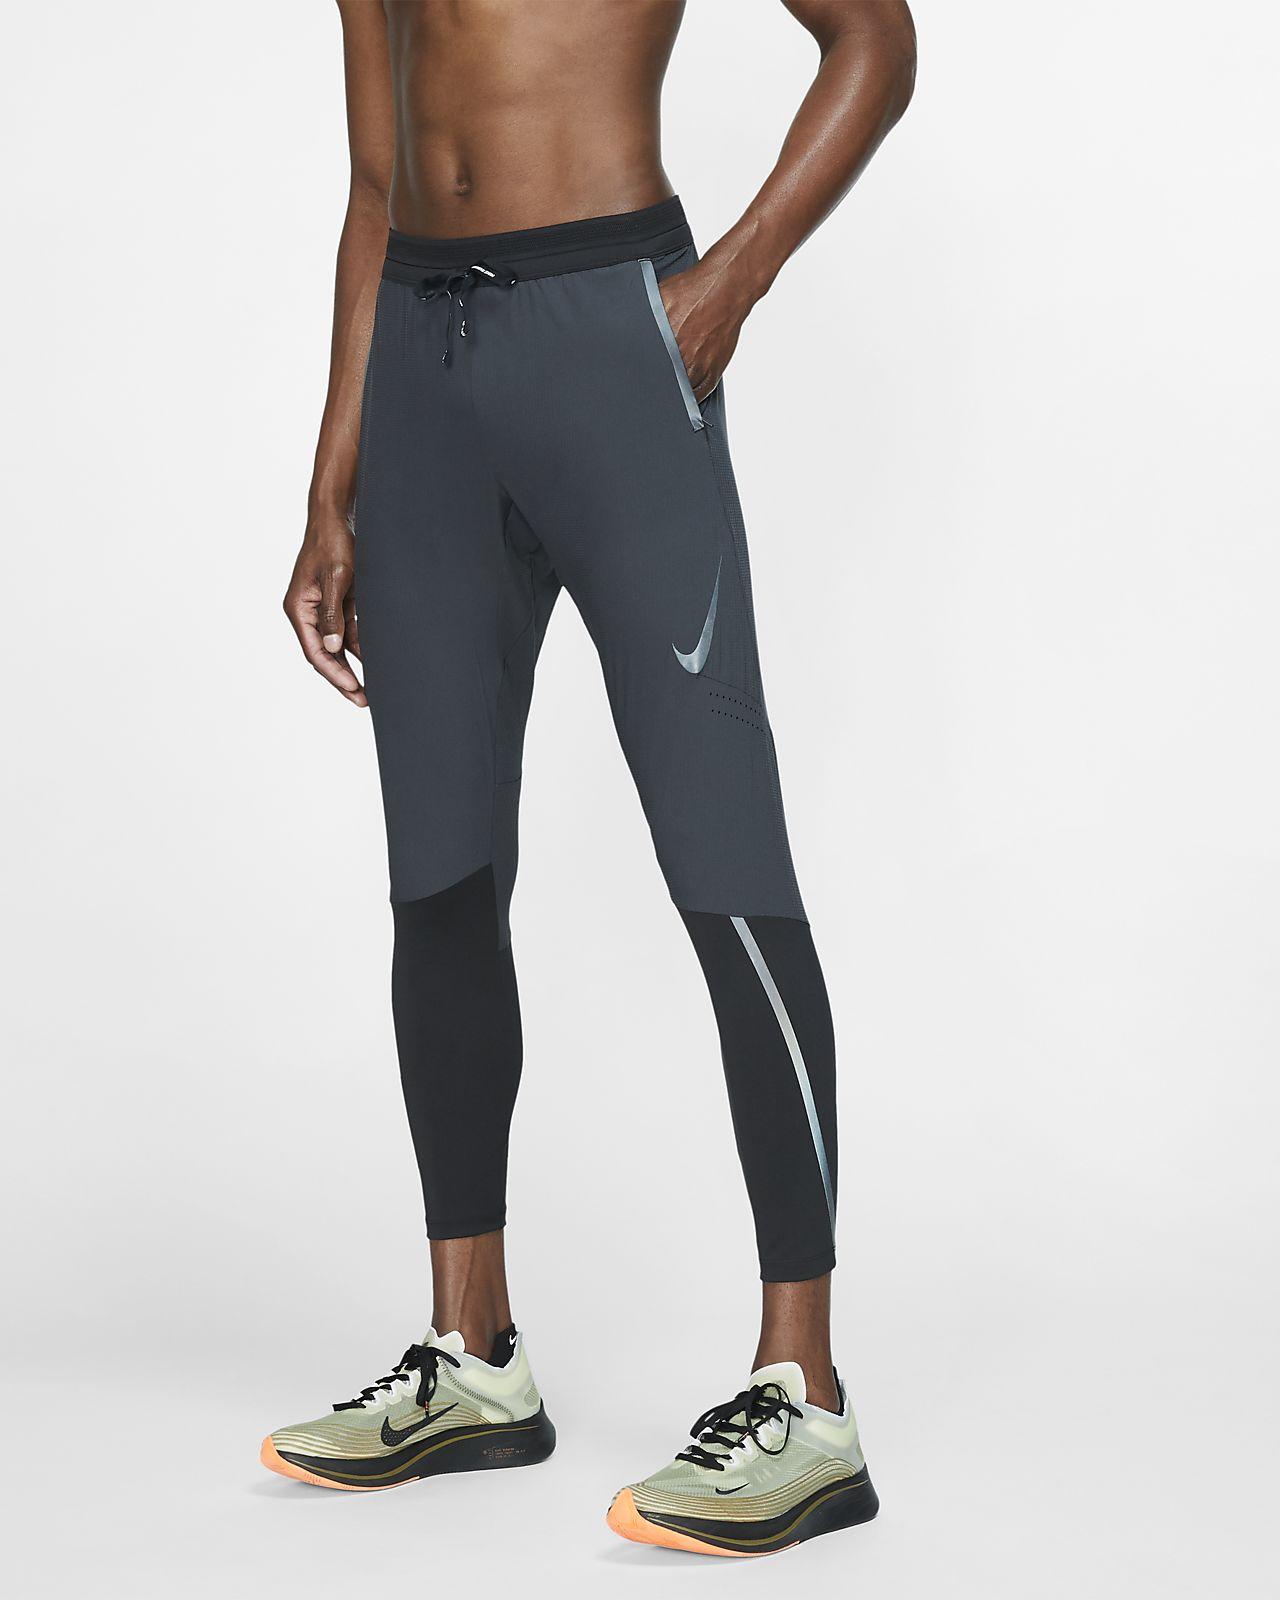 Pantalon De Running Swift Homme Nike Pour vnNwm80